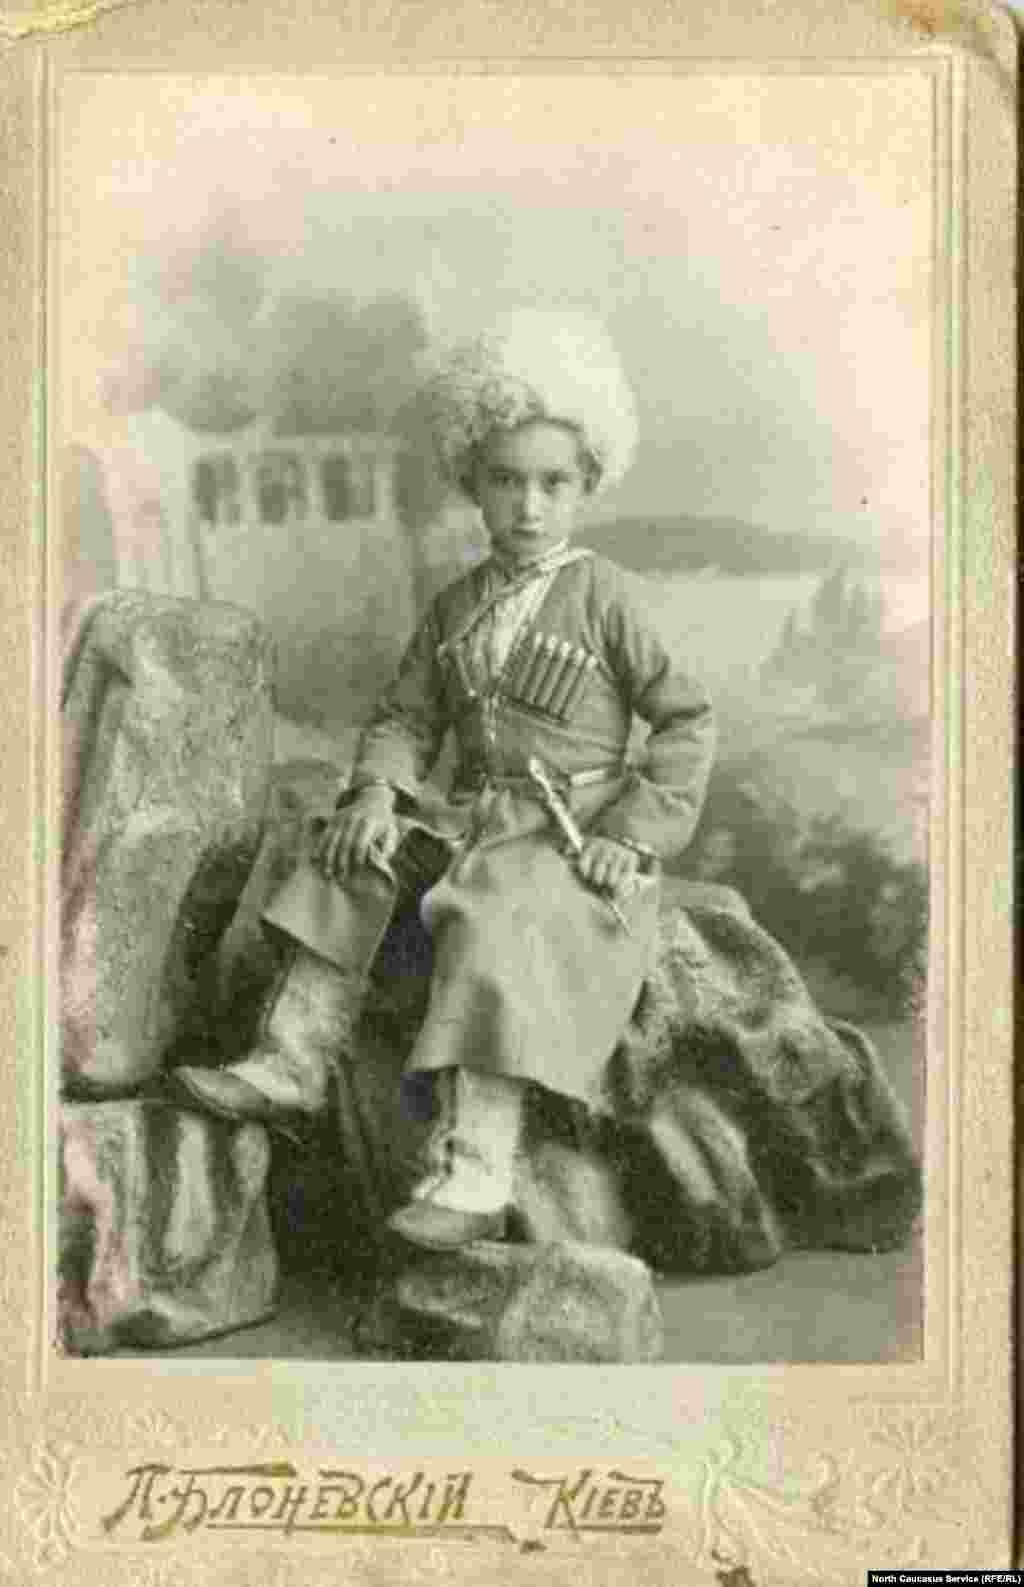 Черкеска была не только традиционной одеждой горцев Кавказа. Казаки отдаленных краев также любили щеголять в ней. На этом фото, снятом в Киеве, ребенка, очевидно, специально нарядили в черкеску.